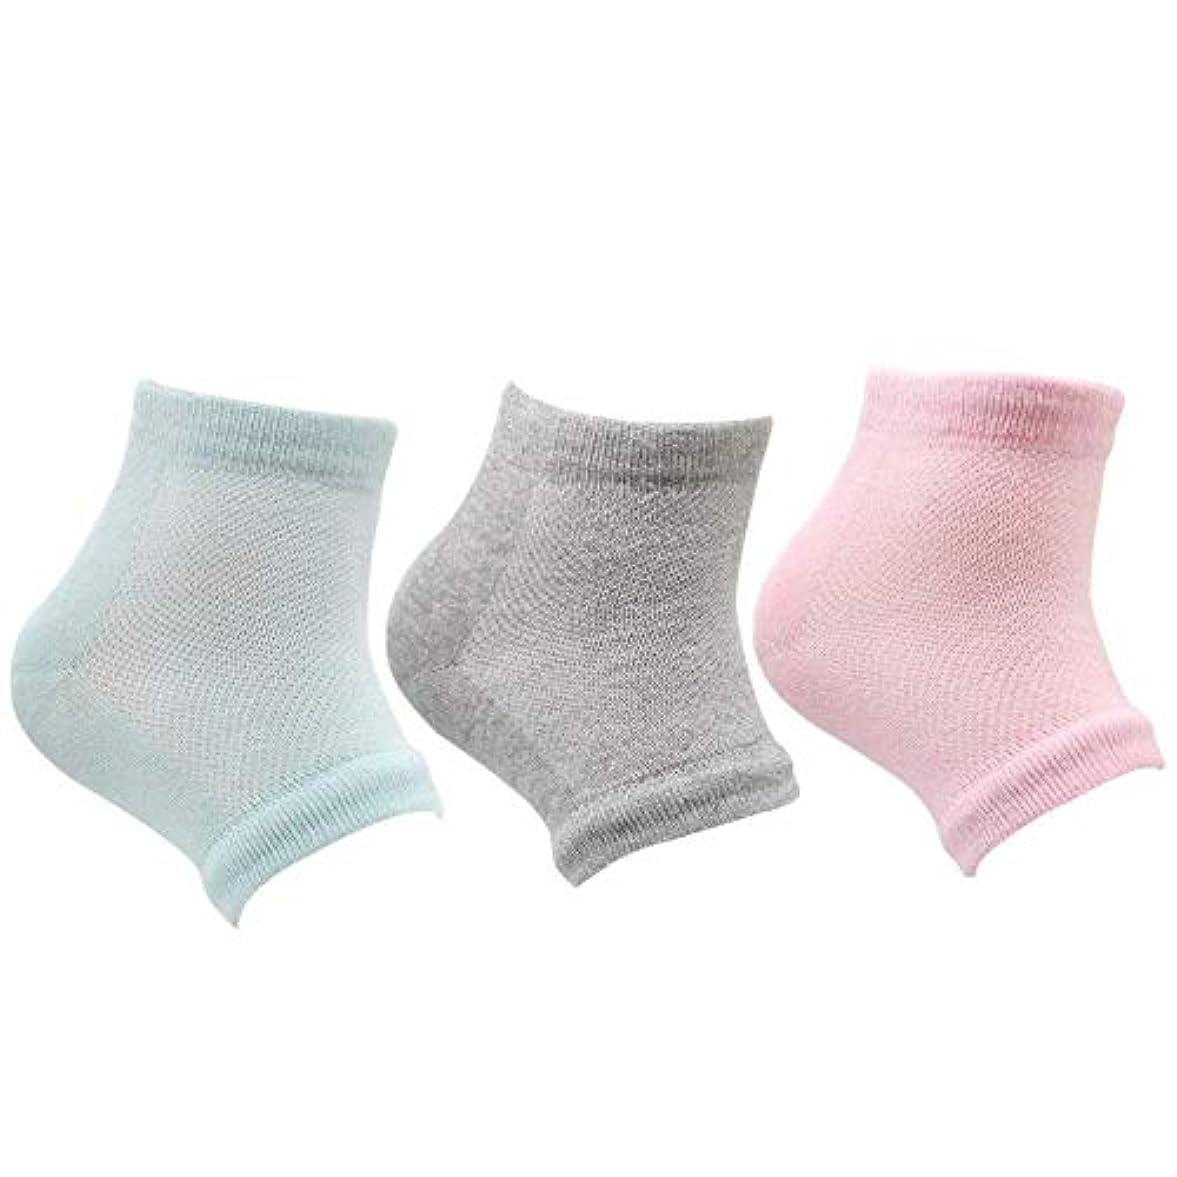 どこにでもアレルギー性ぴったりかかと 靴下 つるつる ジェル かかとケア 男女兼用 グリーン ピンク グレイ 3足セット